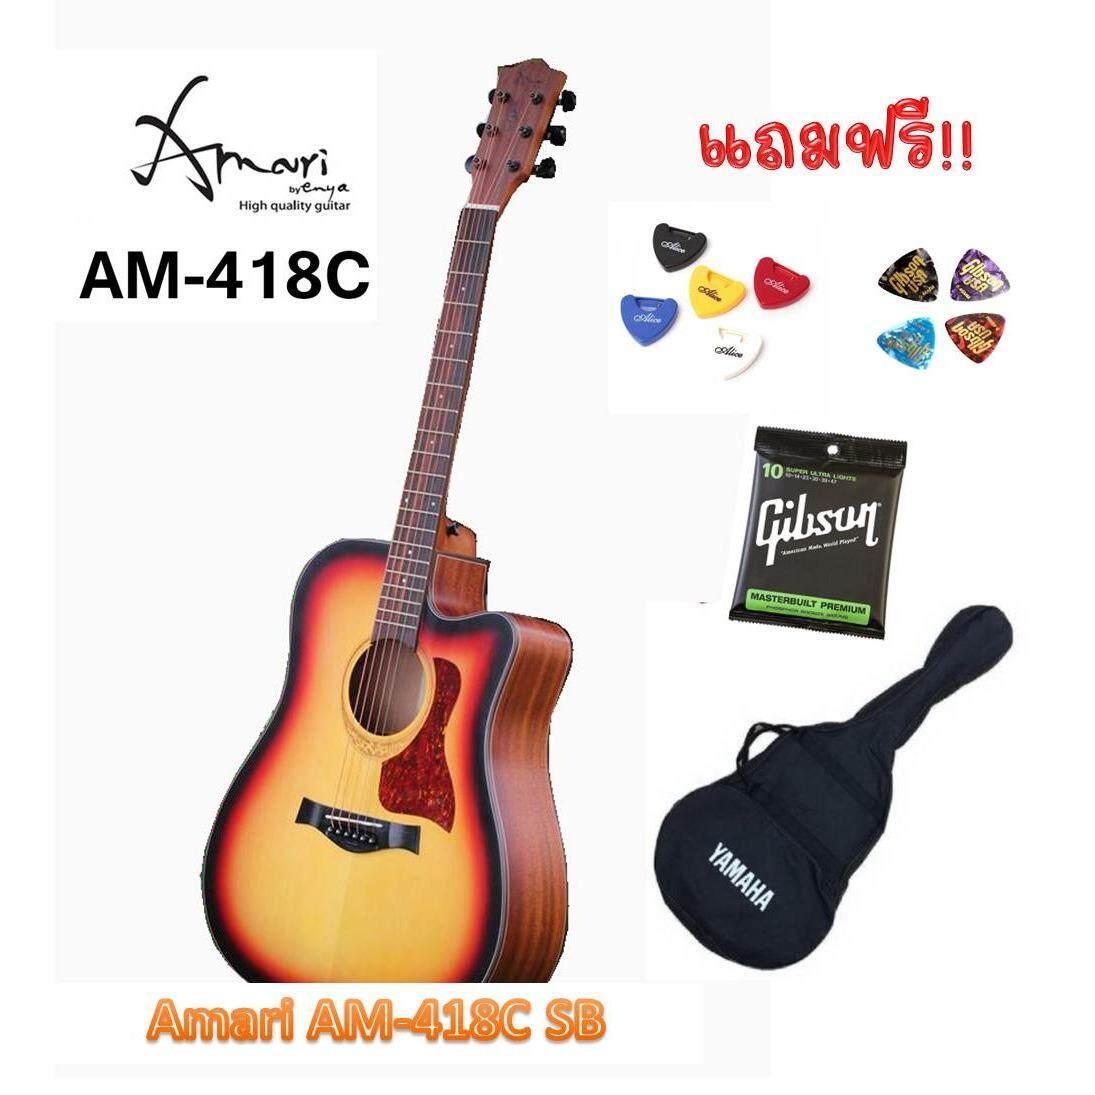 ขาย กีต้าร์โปร่ง Amari By Enya Am 418C สีซันเบิส ชมรีวิว แถมฟรี กระเป๋ากีต้าร์yamaha ที่เก็บปิ๊กกีต้าร์ คาโป้ สายกีตาร์อีก 1 ชุด Gibson Usa ปิ๊ค Fender 2 อัน ปิ๊คการ์ด มูลค่ารวม 1 200 บาท เป็นต้นฉบับ